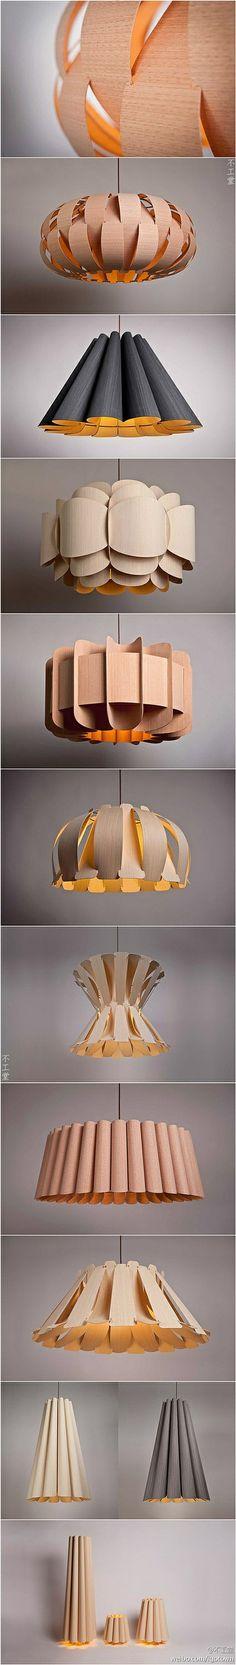 木片灯具 - 堆糖 发现生活_收集美好_分享图片